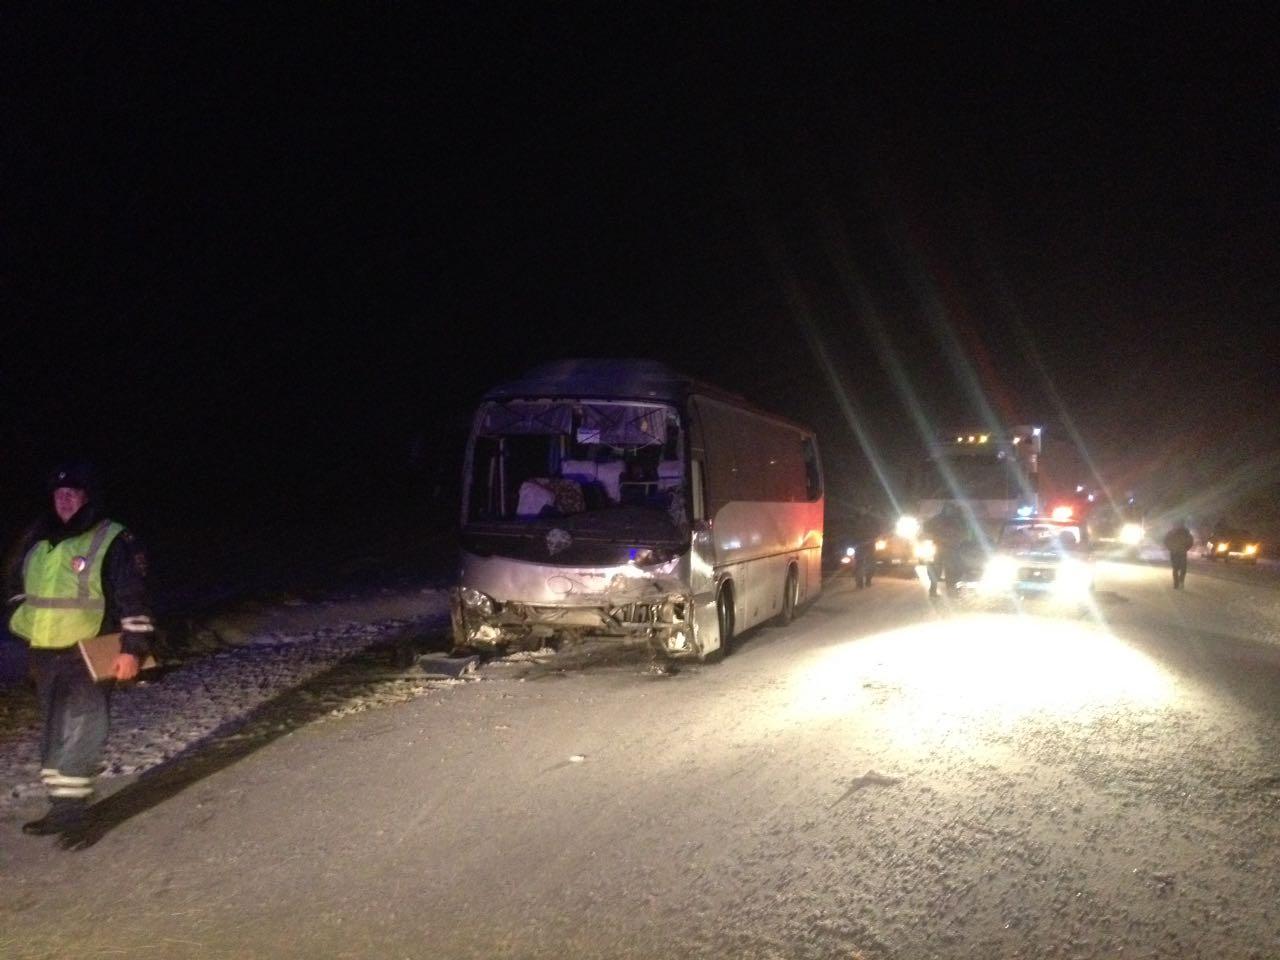 СУСК возбудил уголовное дело пофакту ДТП савтобусами вАлтайском крае